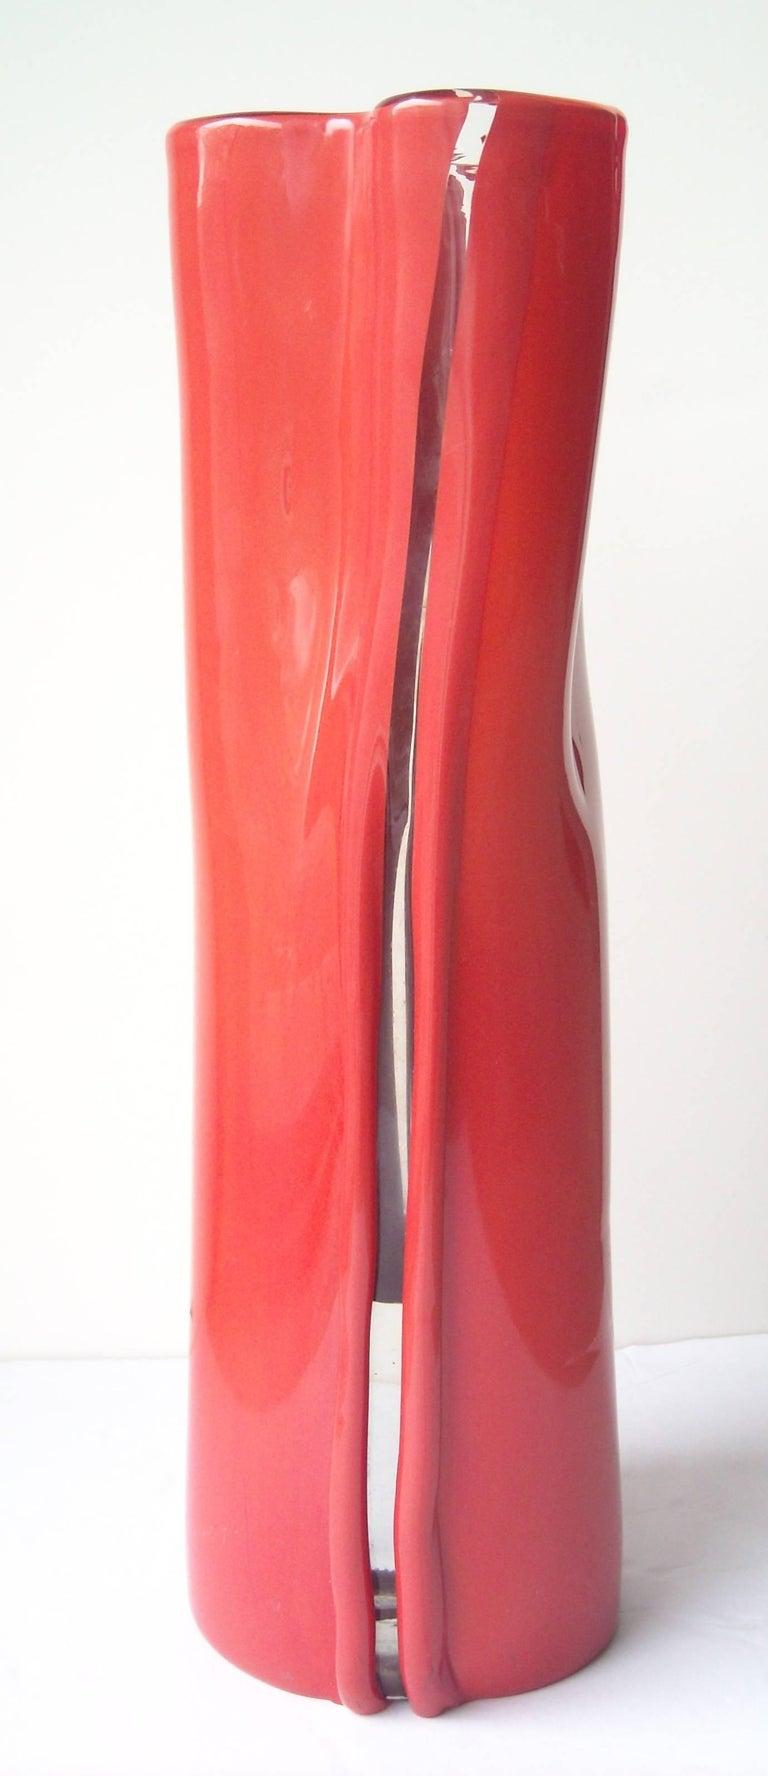 Toni Zuccheri Murano Glass Vase for Venini,